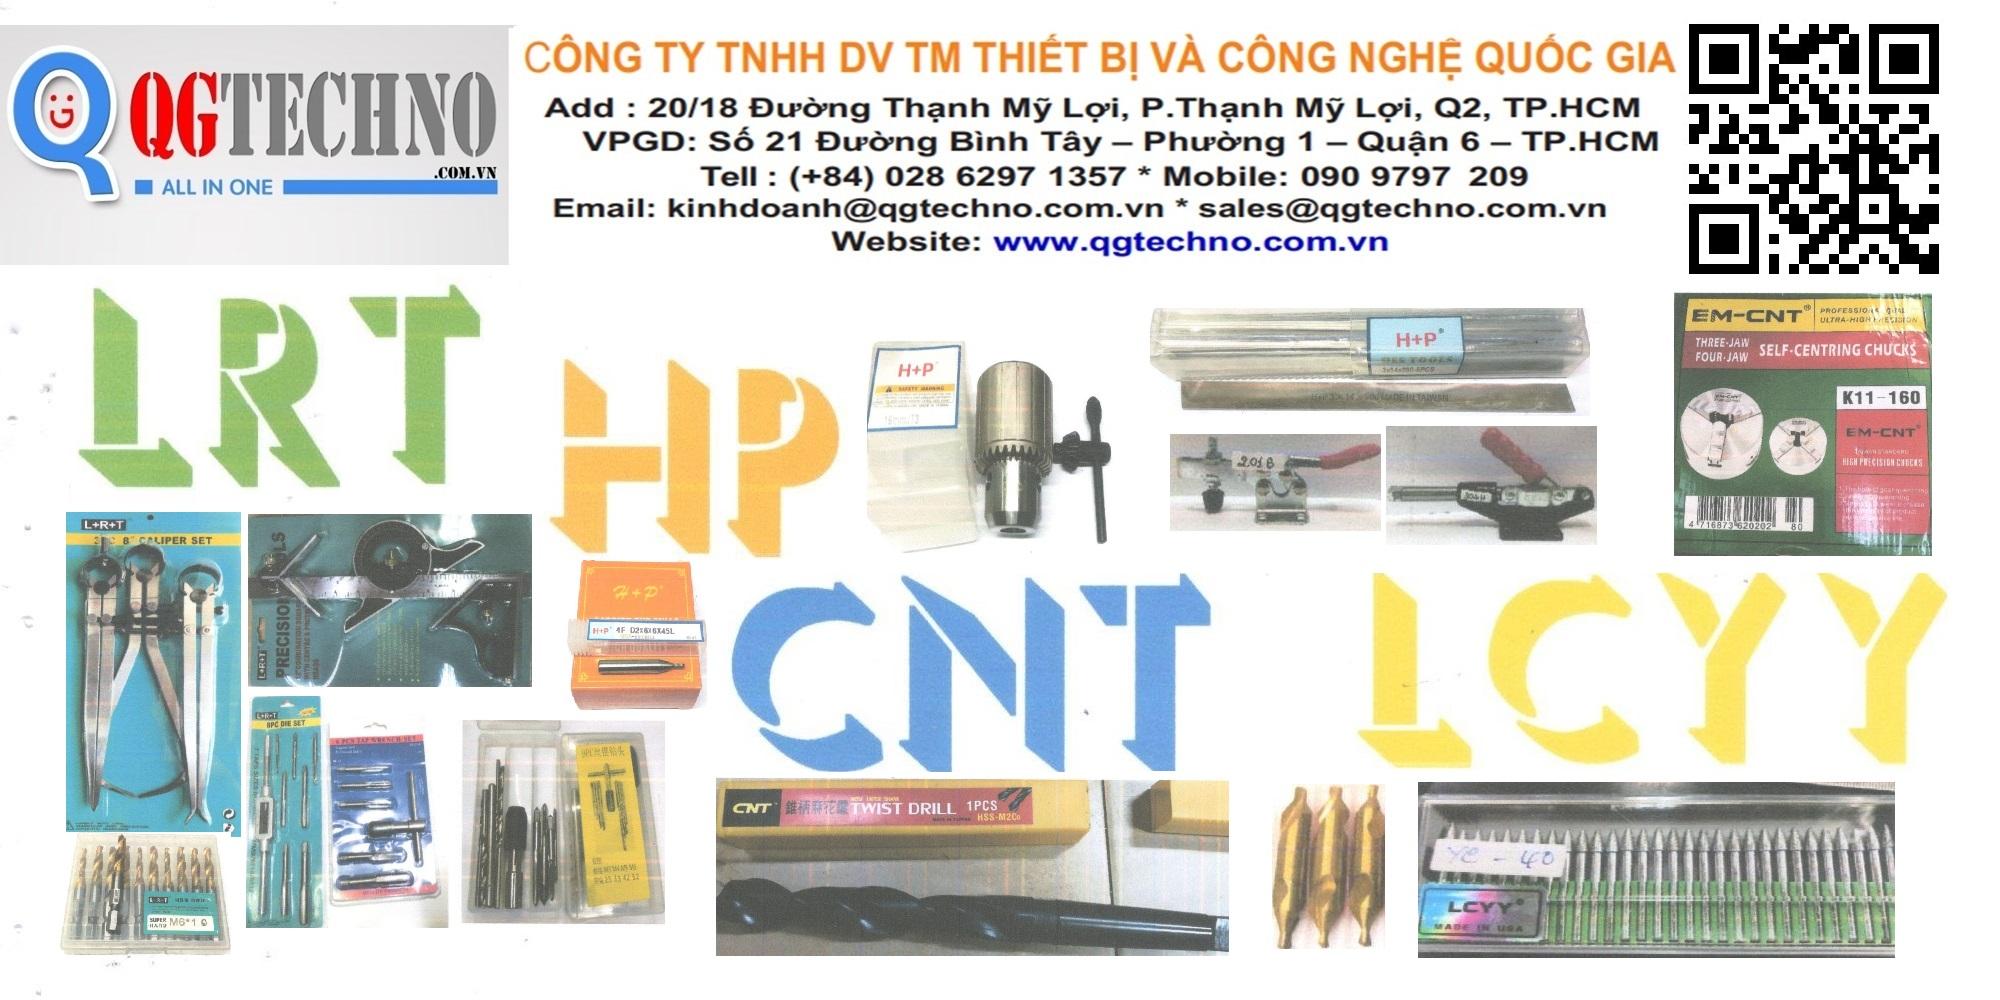 Nhap-khau-phan-phoi-dung-cu-do-chinh-xac-gia-cong-cat-got-cnc-lrt-hp-cnt-lcyy